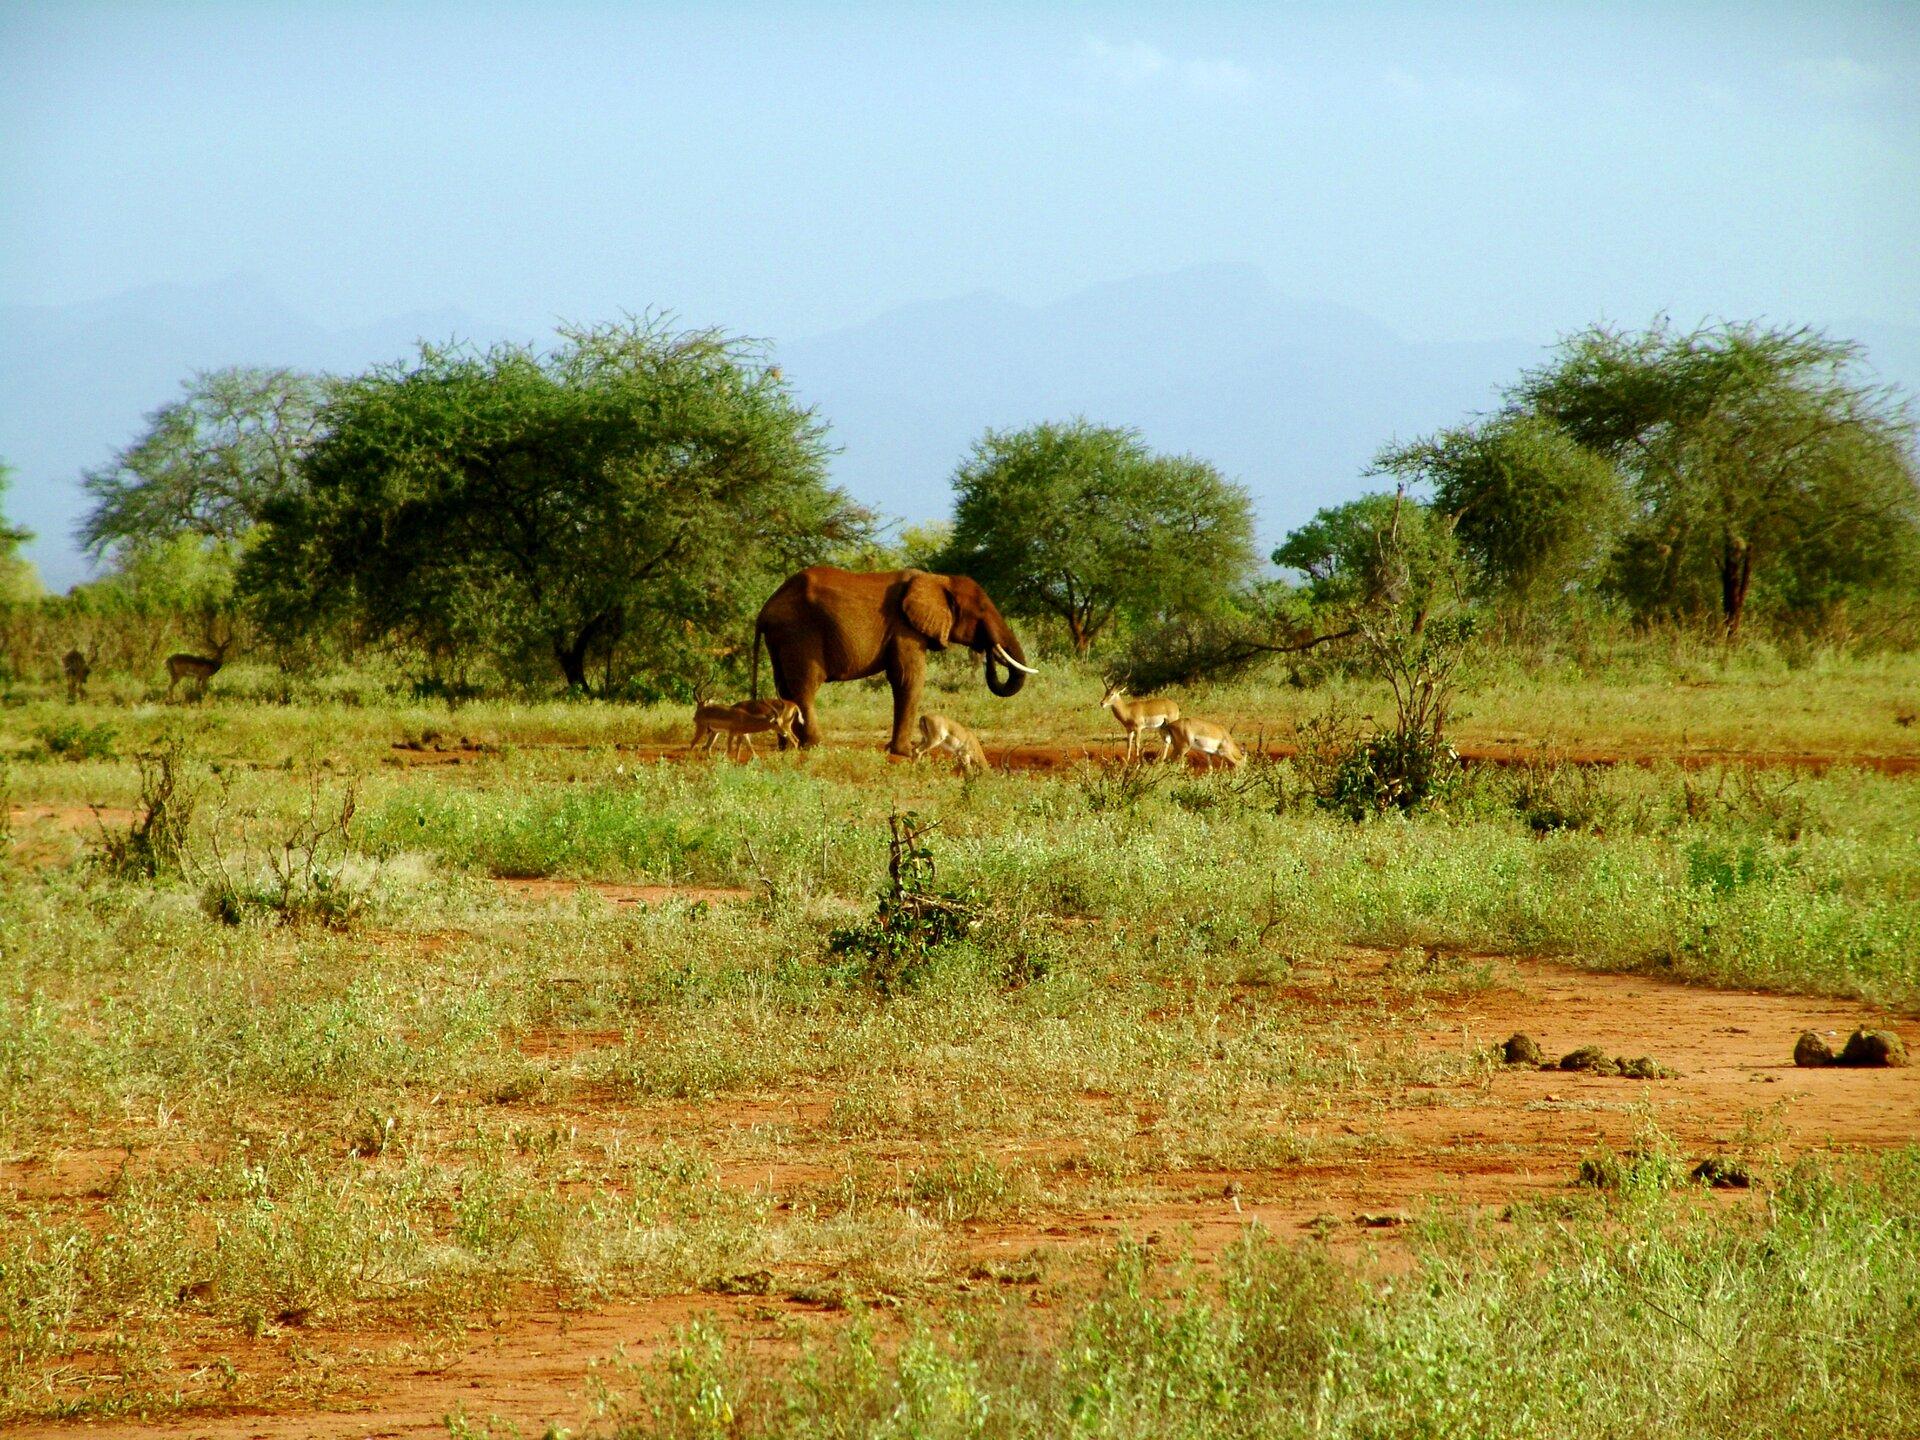 Fotografia przedstawia krajobraz sawanny. Na pomarańczowej ziemi rosną nieduże kępy traw. Wtle skupisko rozłożystych akacji. Przed nimi znajduje się płytka sadzawka, przy której stoi słoń, pokryty rudym błotem. Obok kilka gazeli - zwierząt odługich nogach ismukłym ciele, ubarwione na żółtobrązowo.